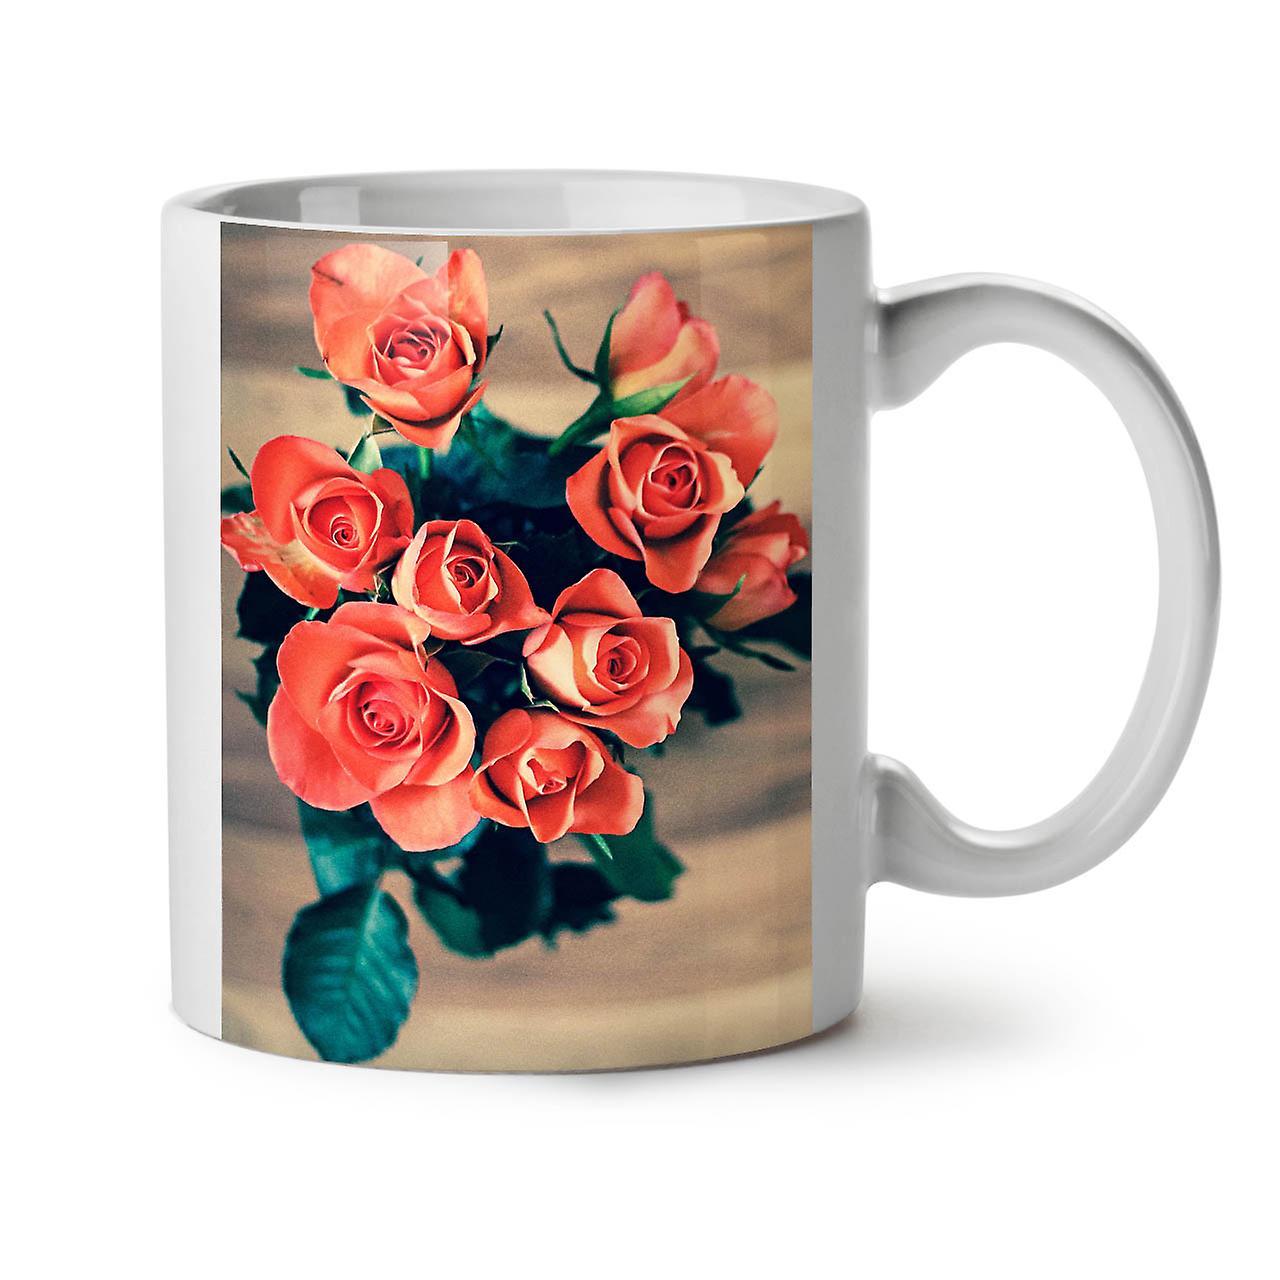 OzWellcoda Beauté La Roses Nouveau Tasse Nature Céramique Café Blanc 11 De Thé xBCroedW